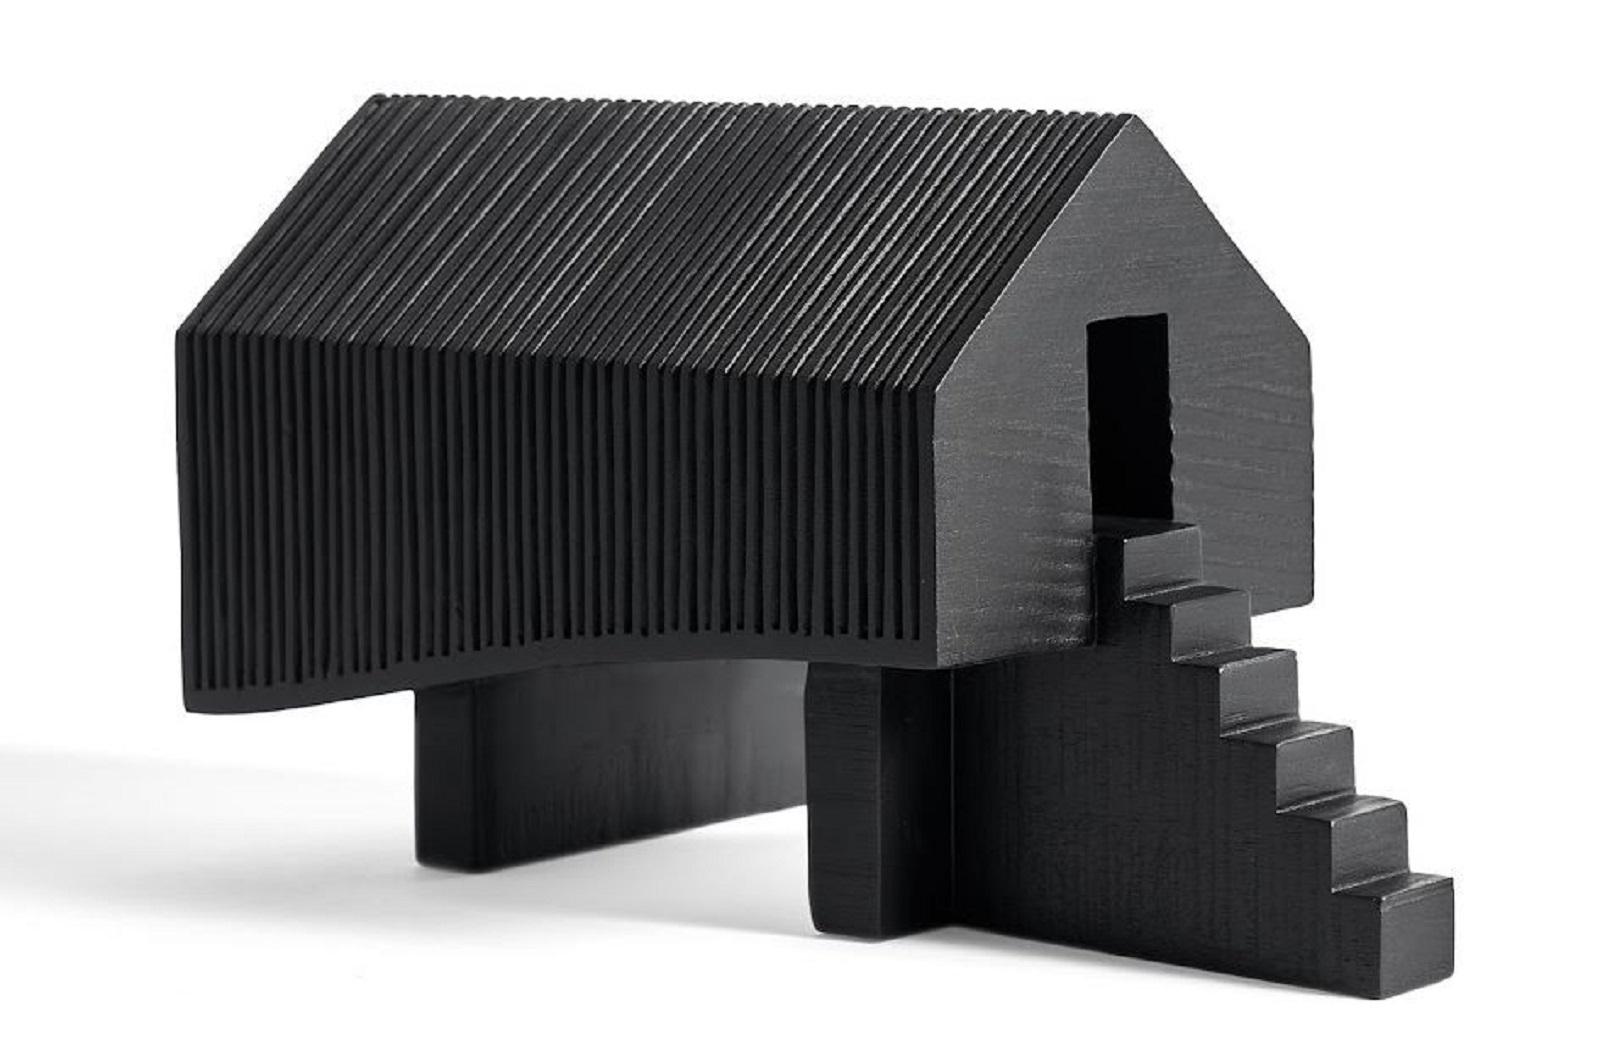 Ethnicraft designové dekorace Black Stilt House object